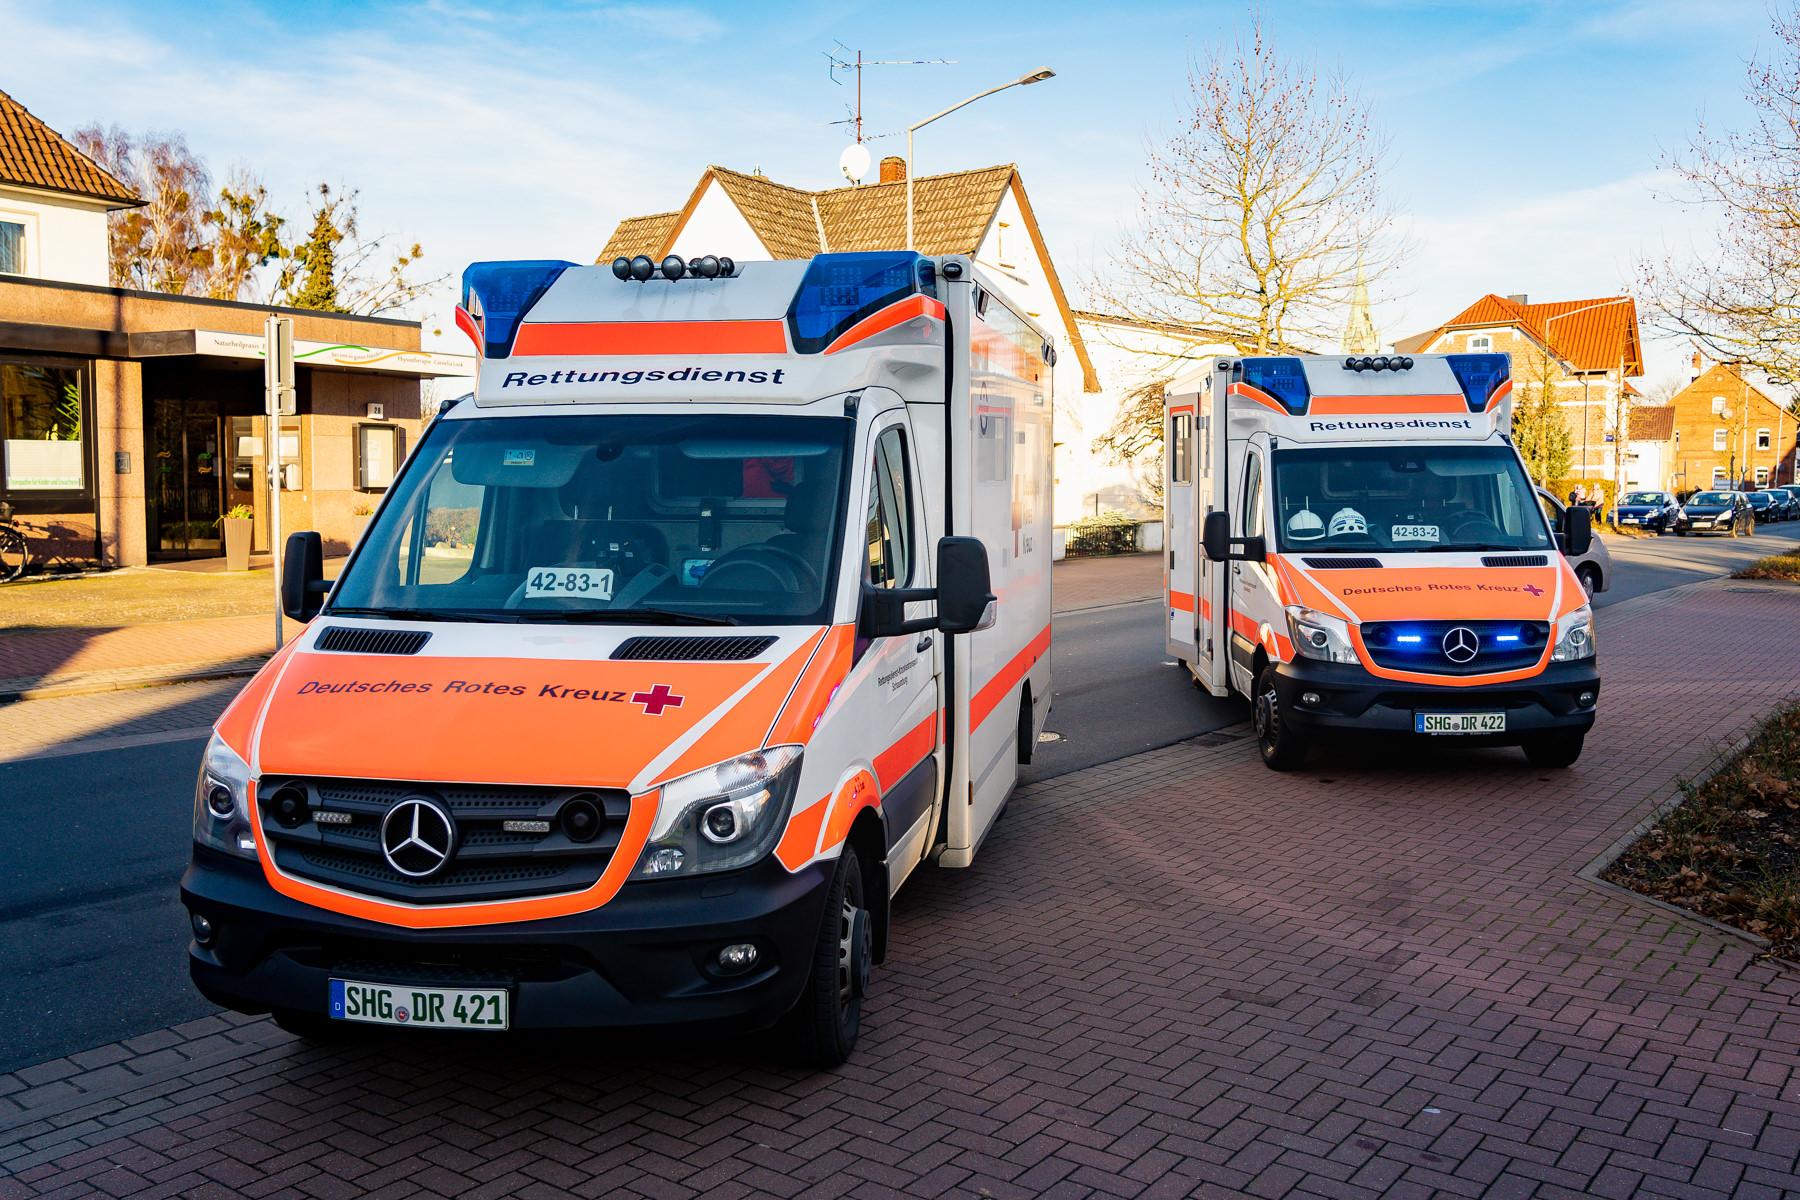 Die Besatzungen der Rettungswagen aus Rodenberg und des Notarztzubringers aus Stadthagen versorgten die verletzten Frauen (Foto: n112.de/Stefan Simonsen)